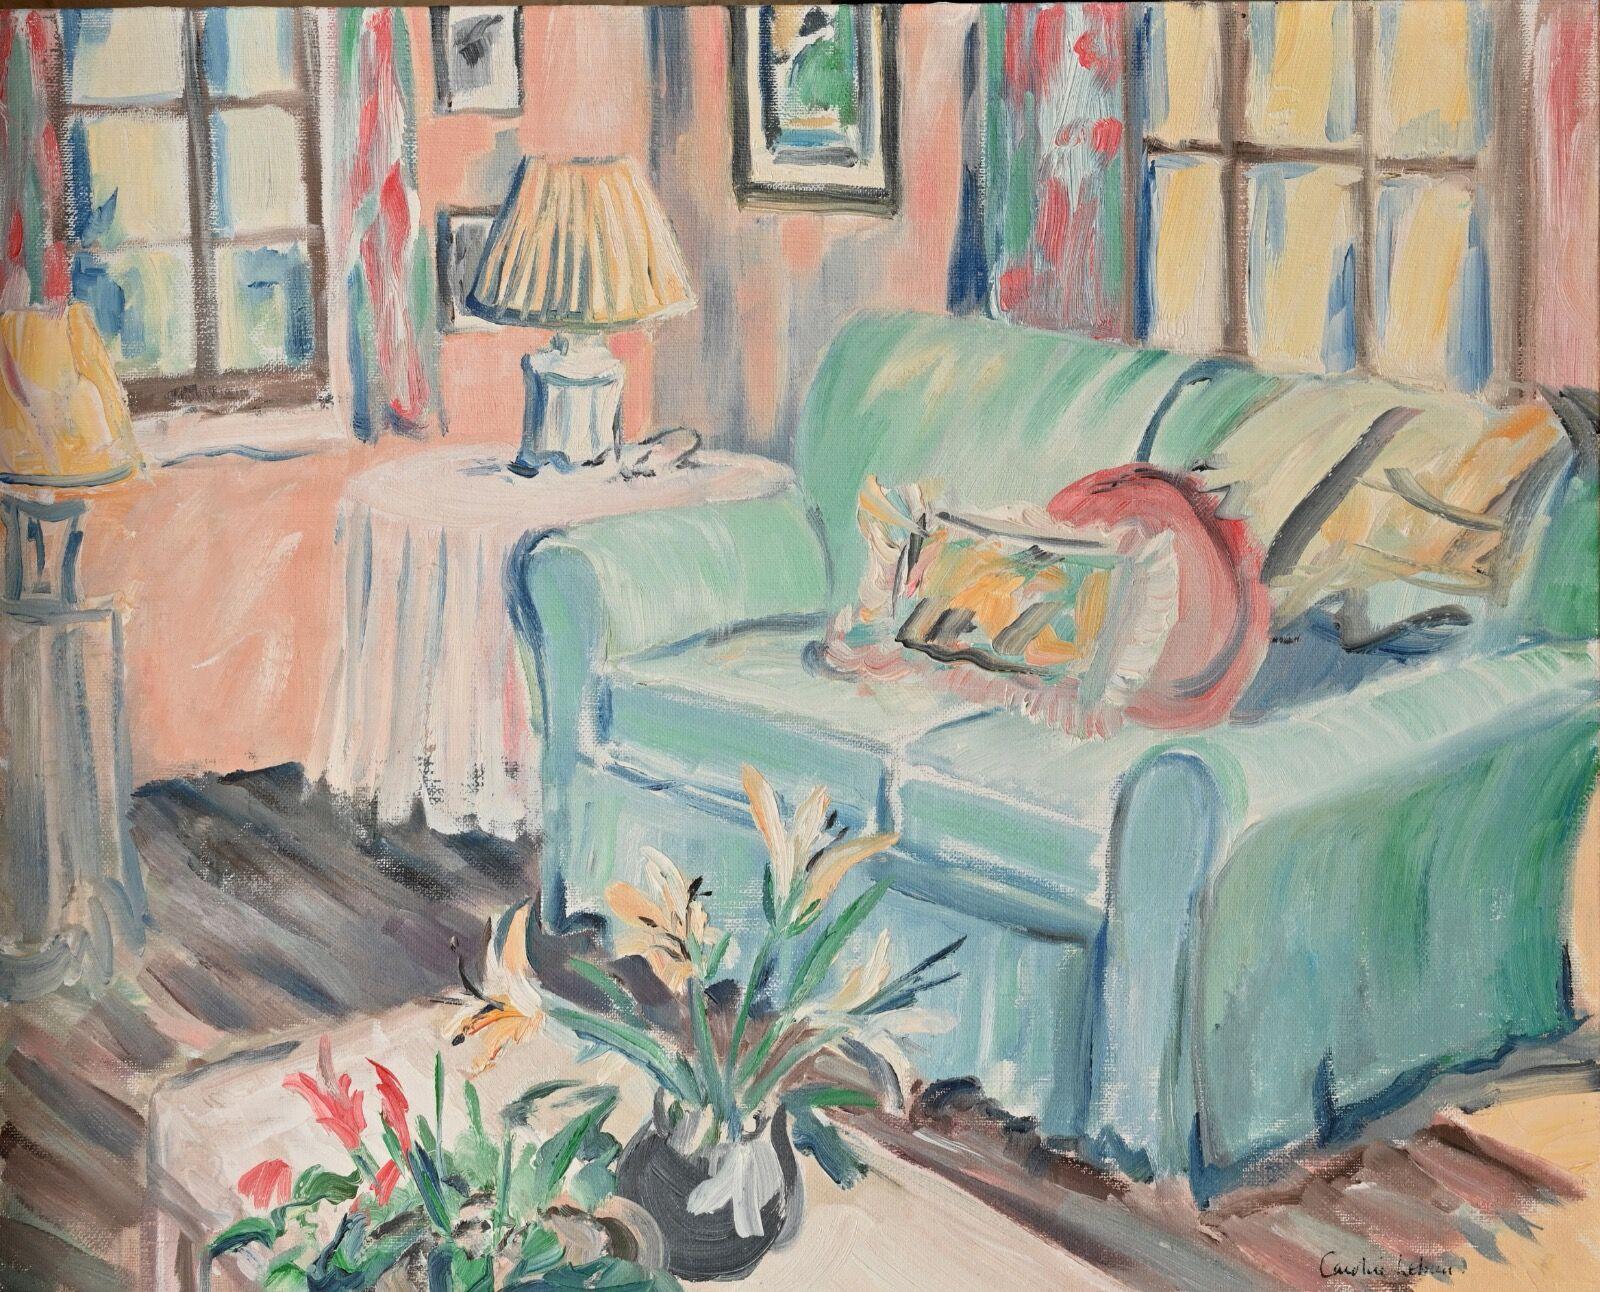 Blue Sofa Interior 40 x 50